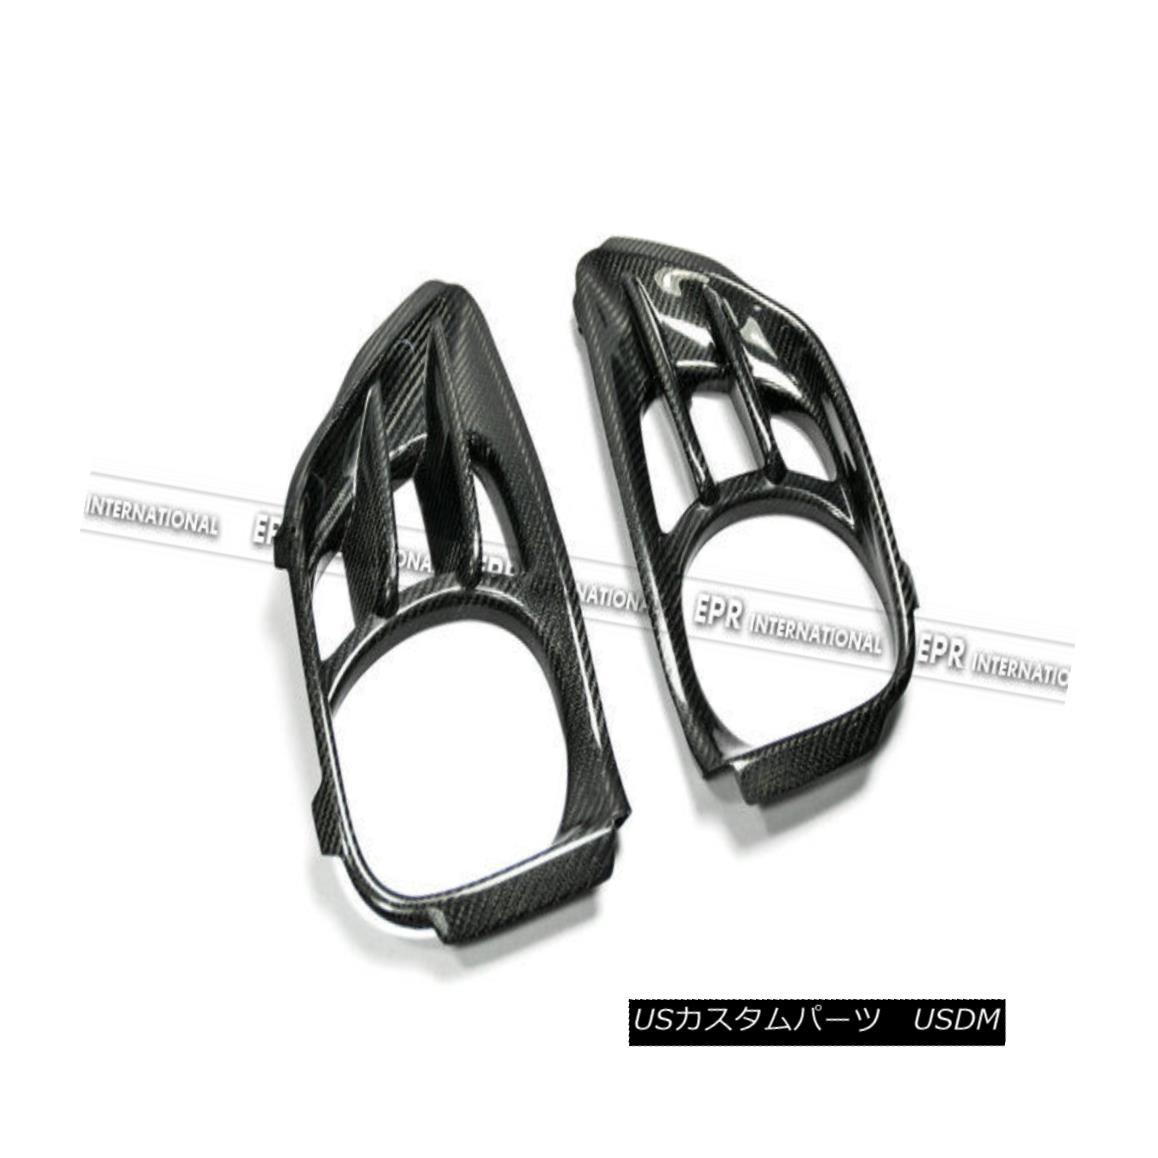 エアロパーツ ABC 2Pcs Exhaust Suround Heat Shield For Nissan R35 GTR AS Style Carbon Fiber 日産R35 GTR ASスタイルカーボンファイバーのためのABC 2Pcs排気風の熱シールド